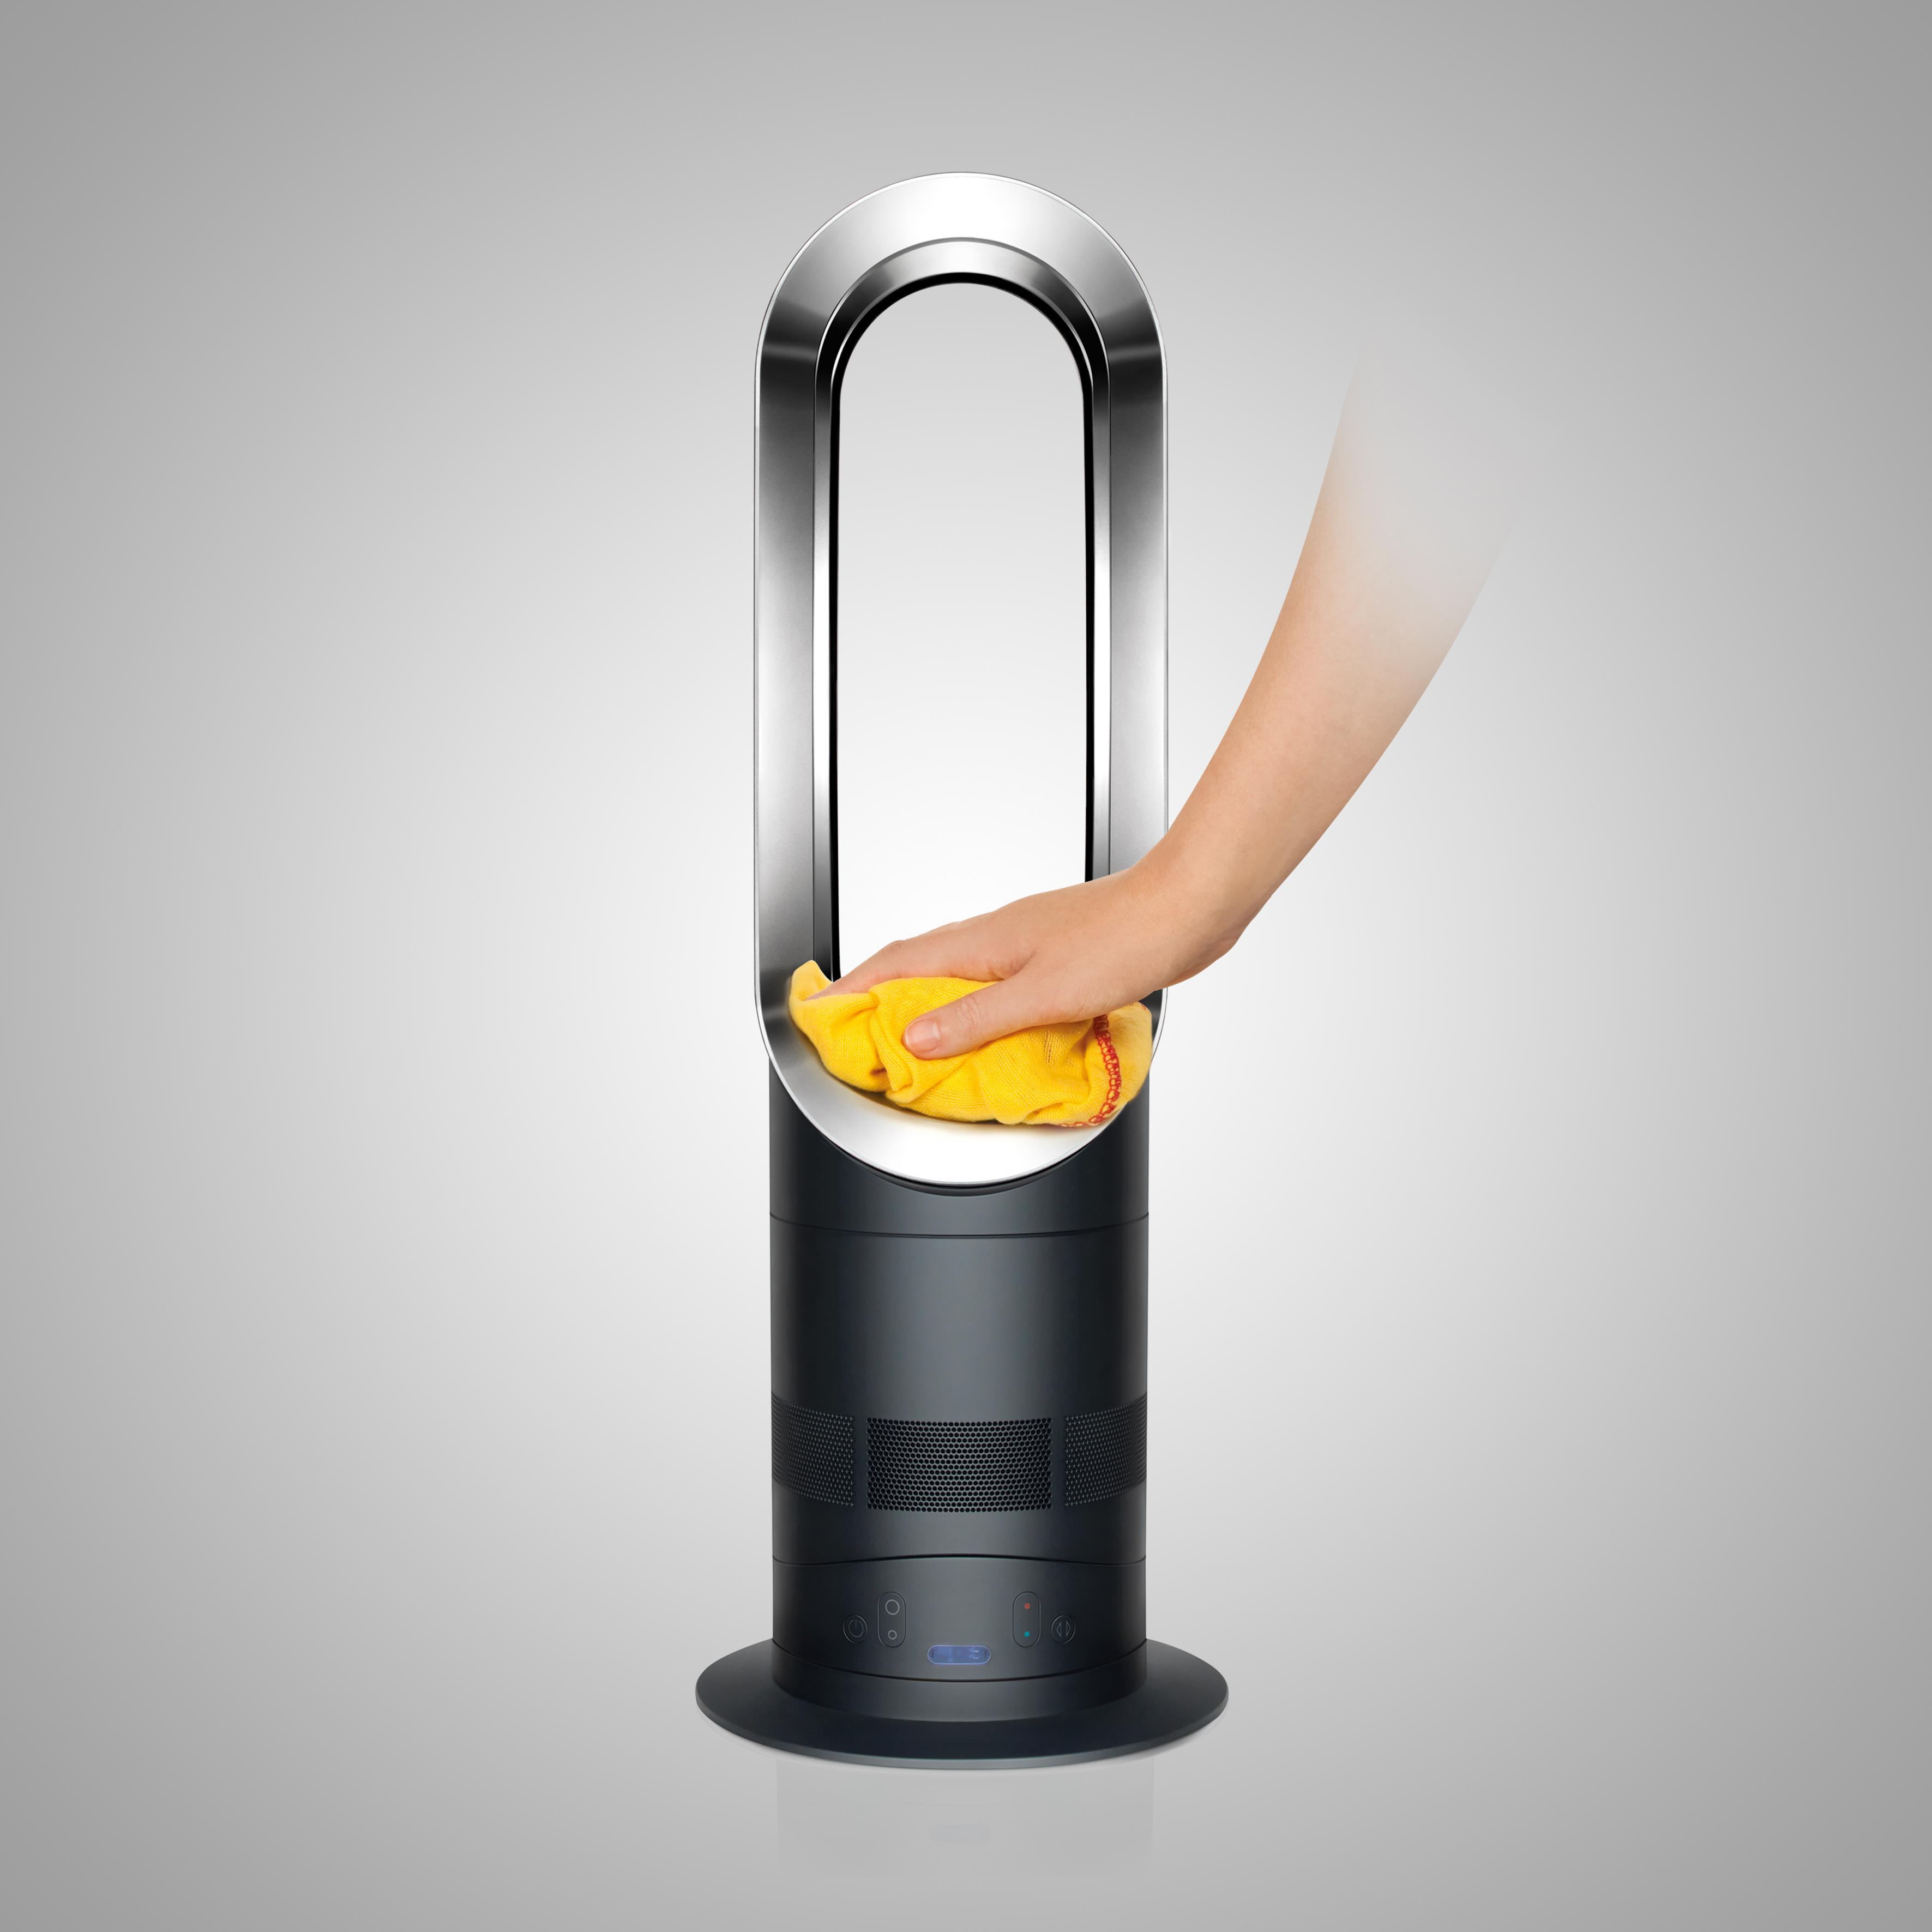 dyson hot and cool inverter split klimager t. Black Bedroom Furniture Sets. Home Design Ideas